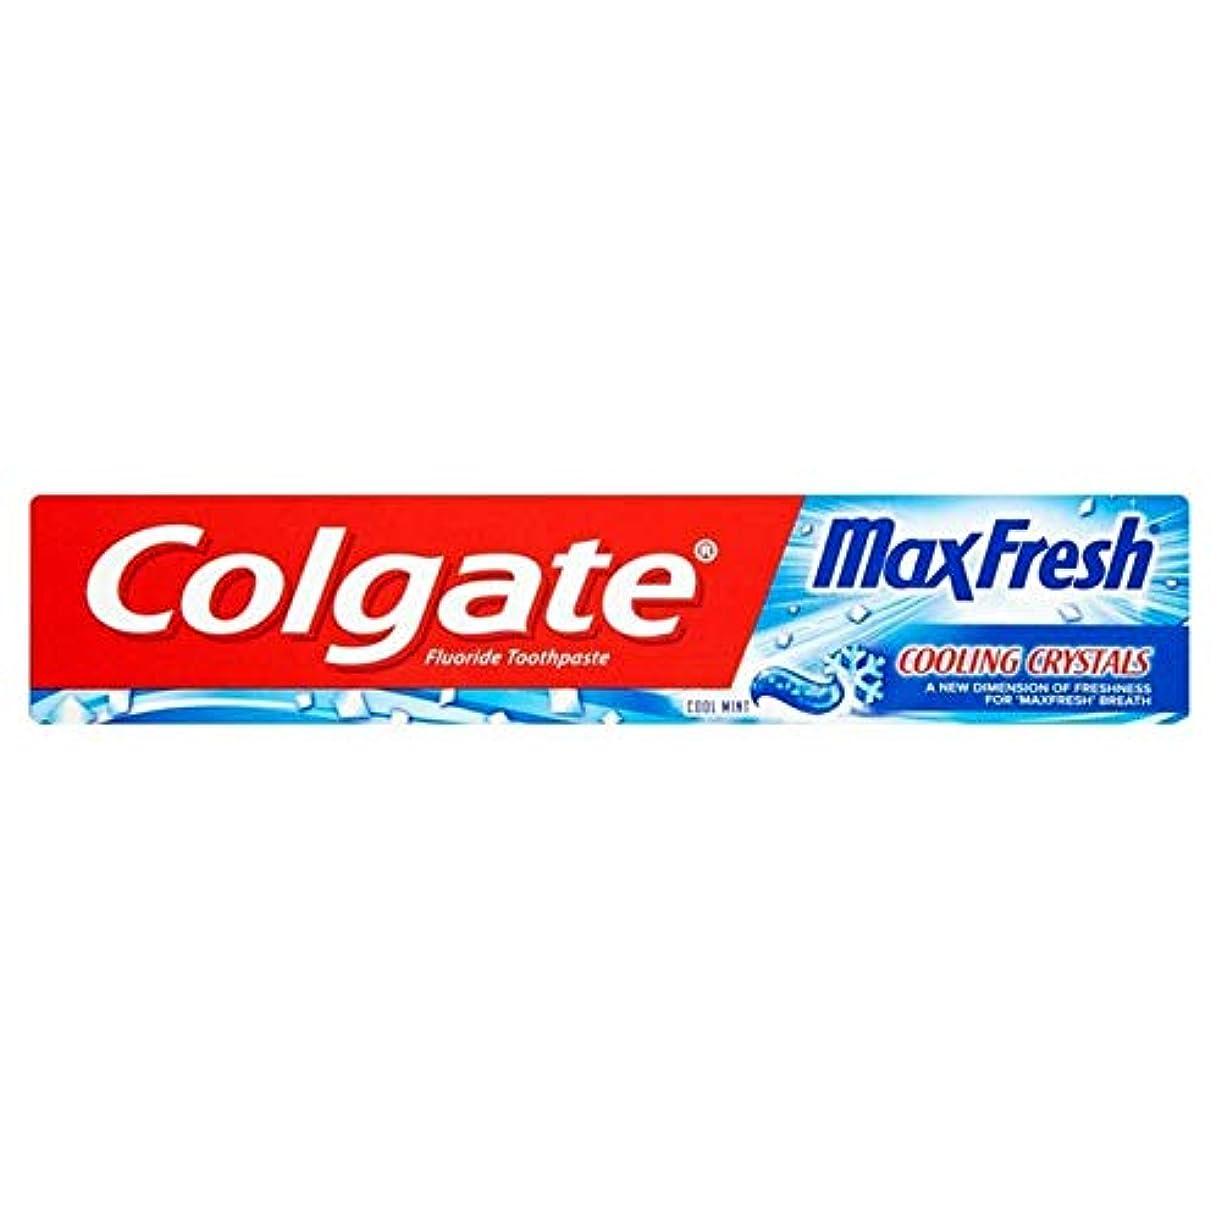 卵九月理解する[Colgate ] 冷却結晶歯磨き粉75ミリリットル新鮮なコルゲートマックス - Colgate Max Fresh with Cooling Crystals Toothpaste 75ml [並行輸入品]